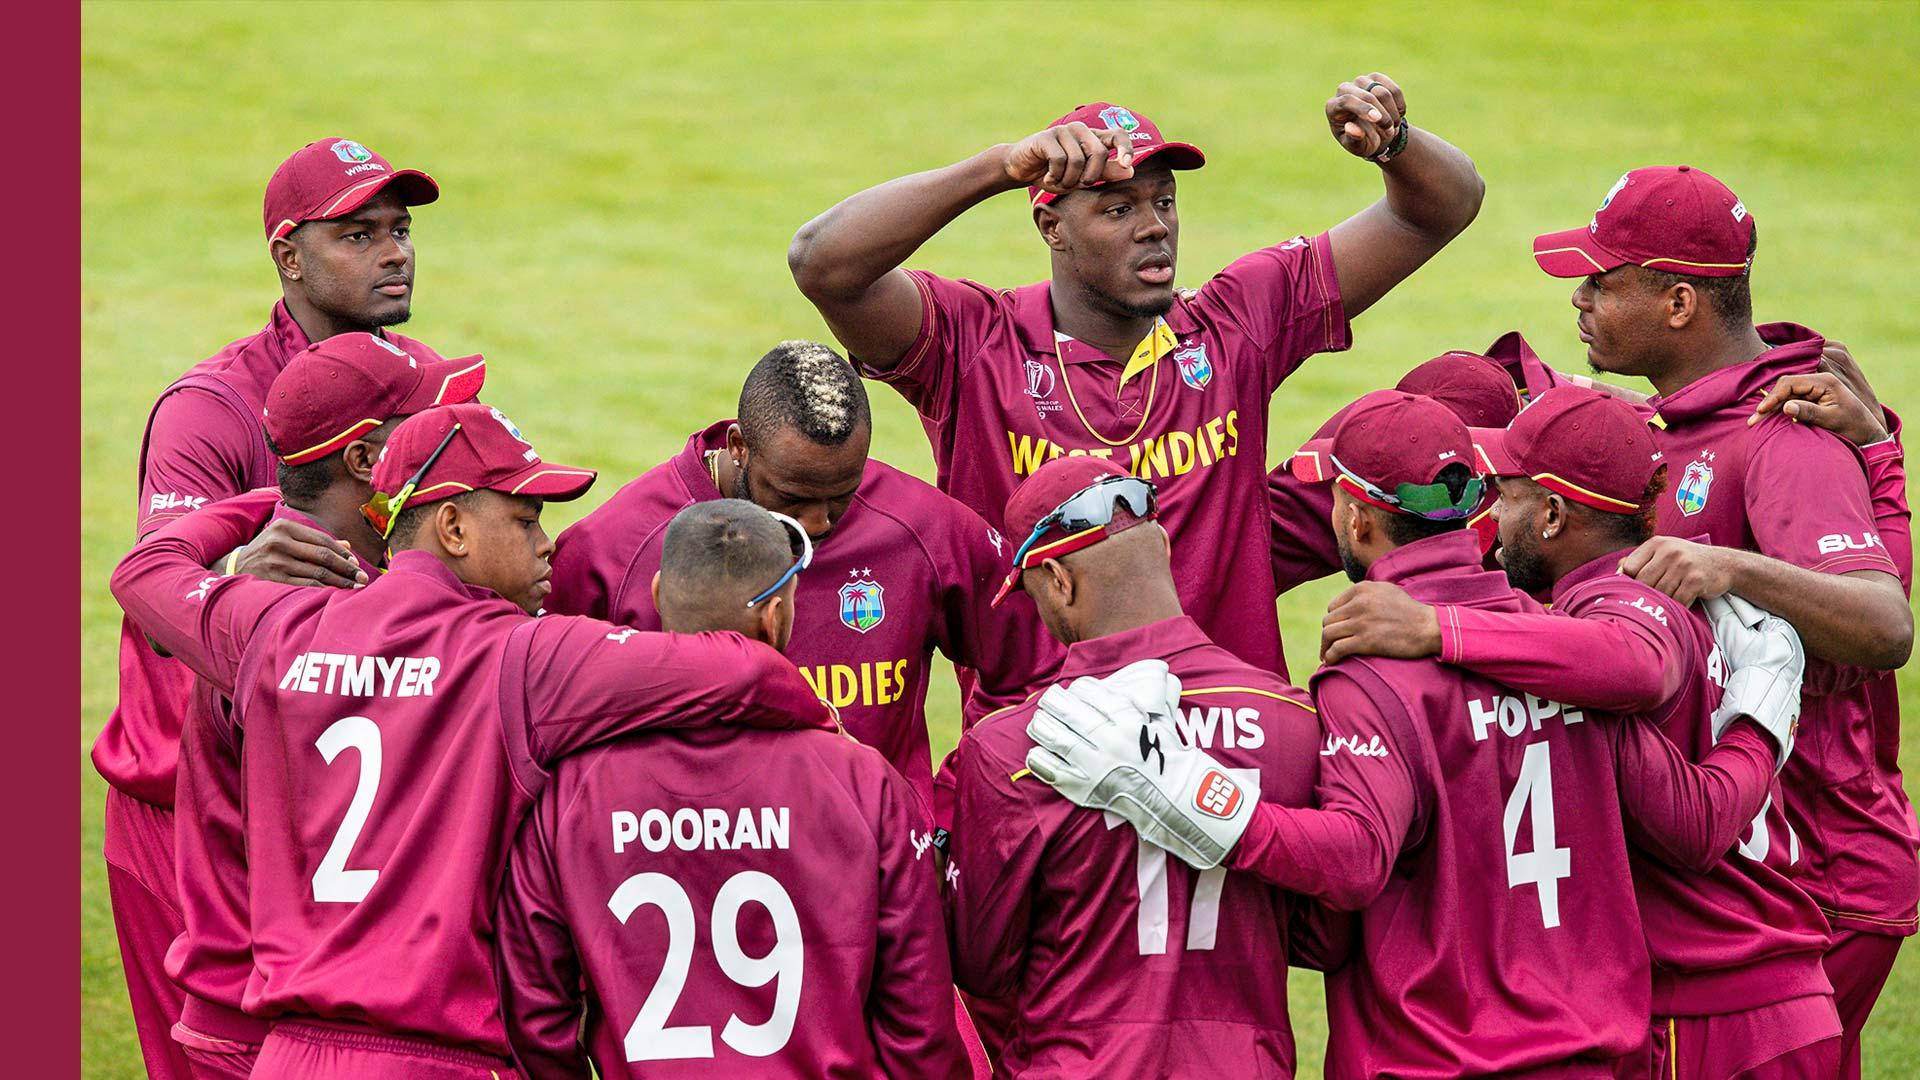 West Indies Cricket World Cup 2019 Teams